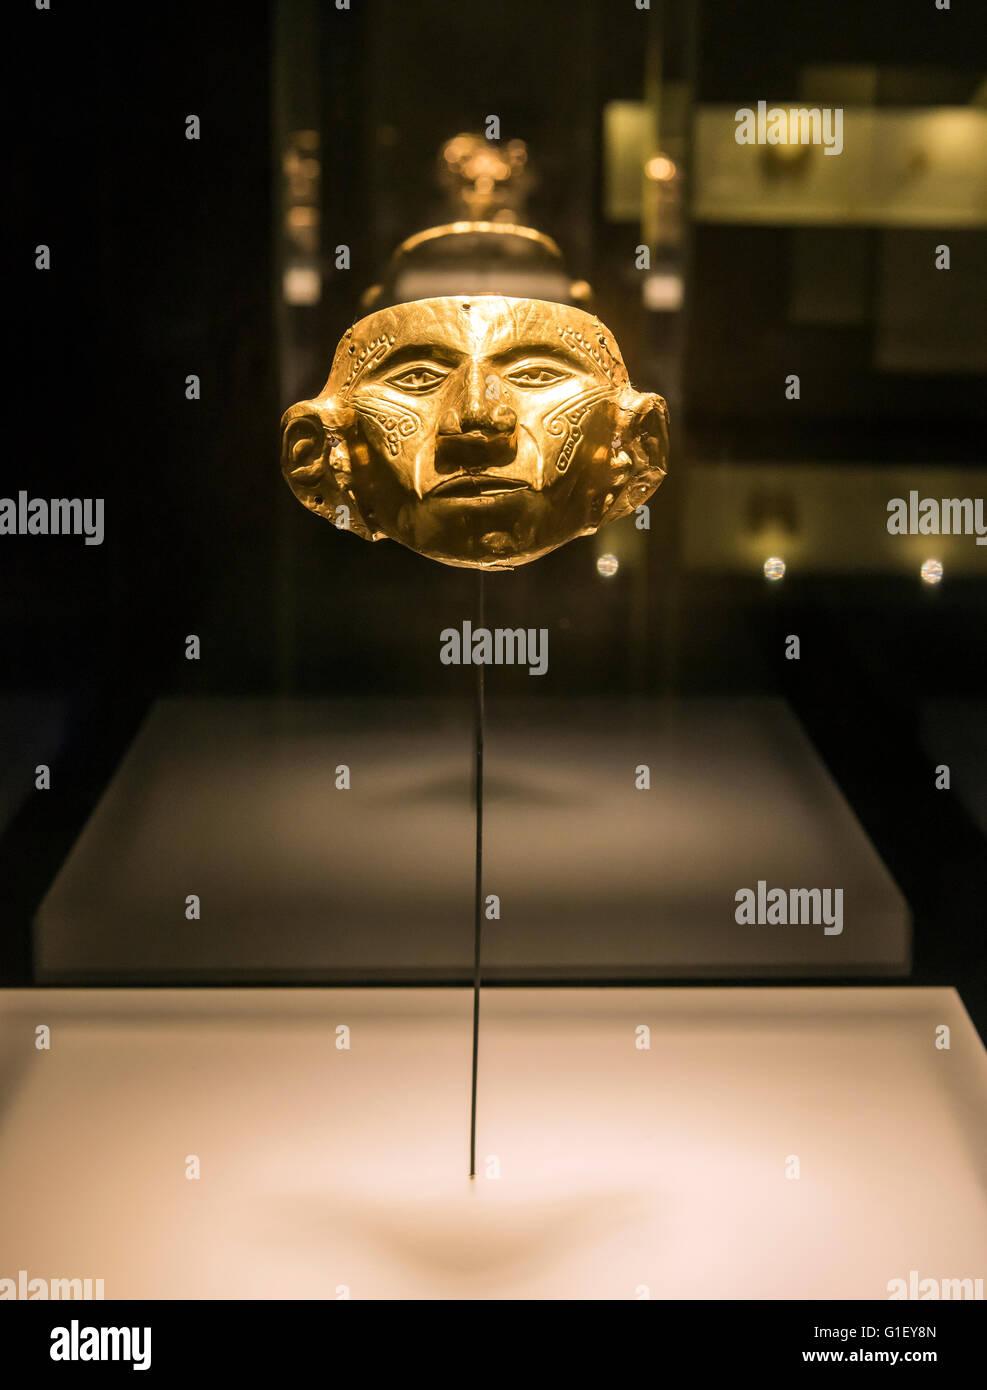 Maschera di oro al Museo del Oro o il Museo dell'oro di Bogotà, Colombia Immagini Stock